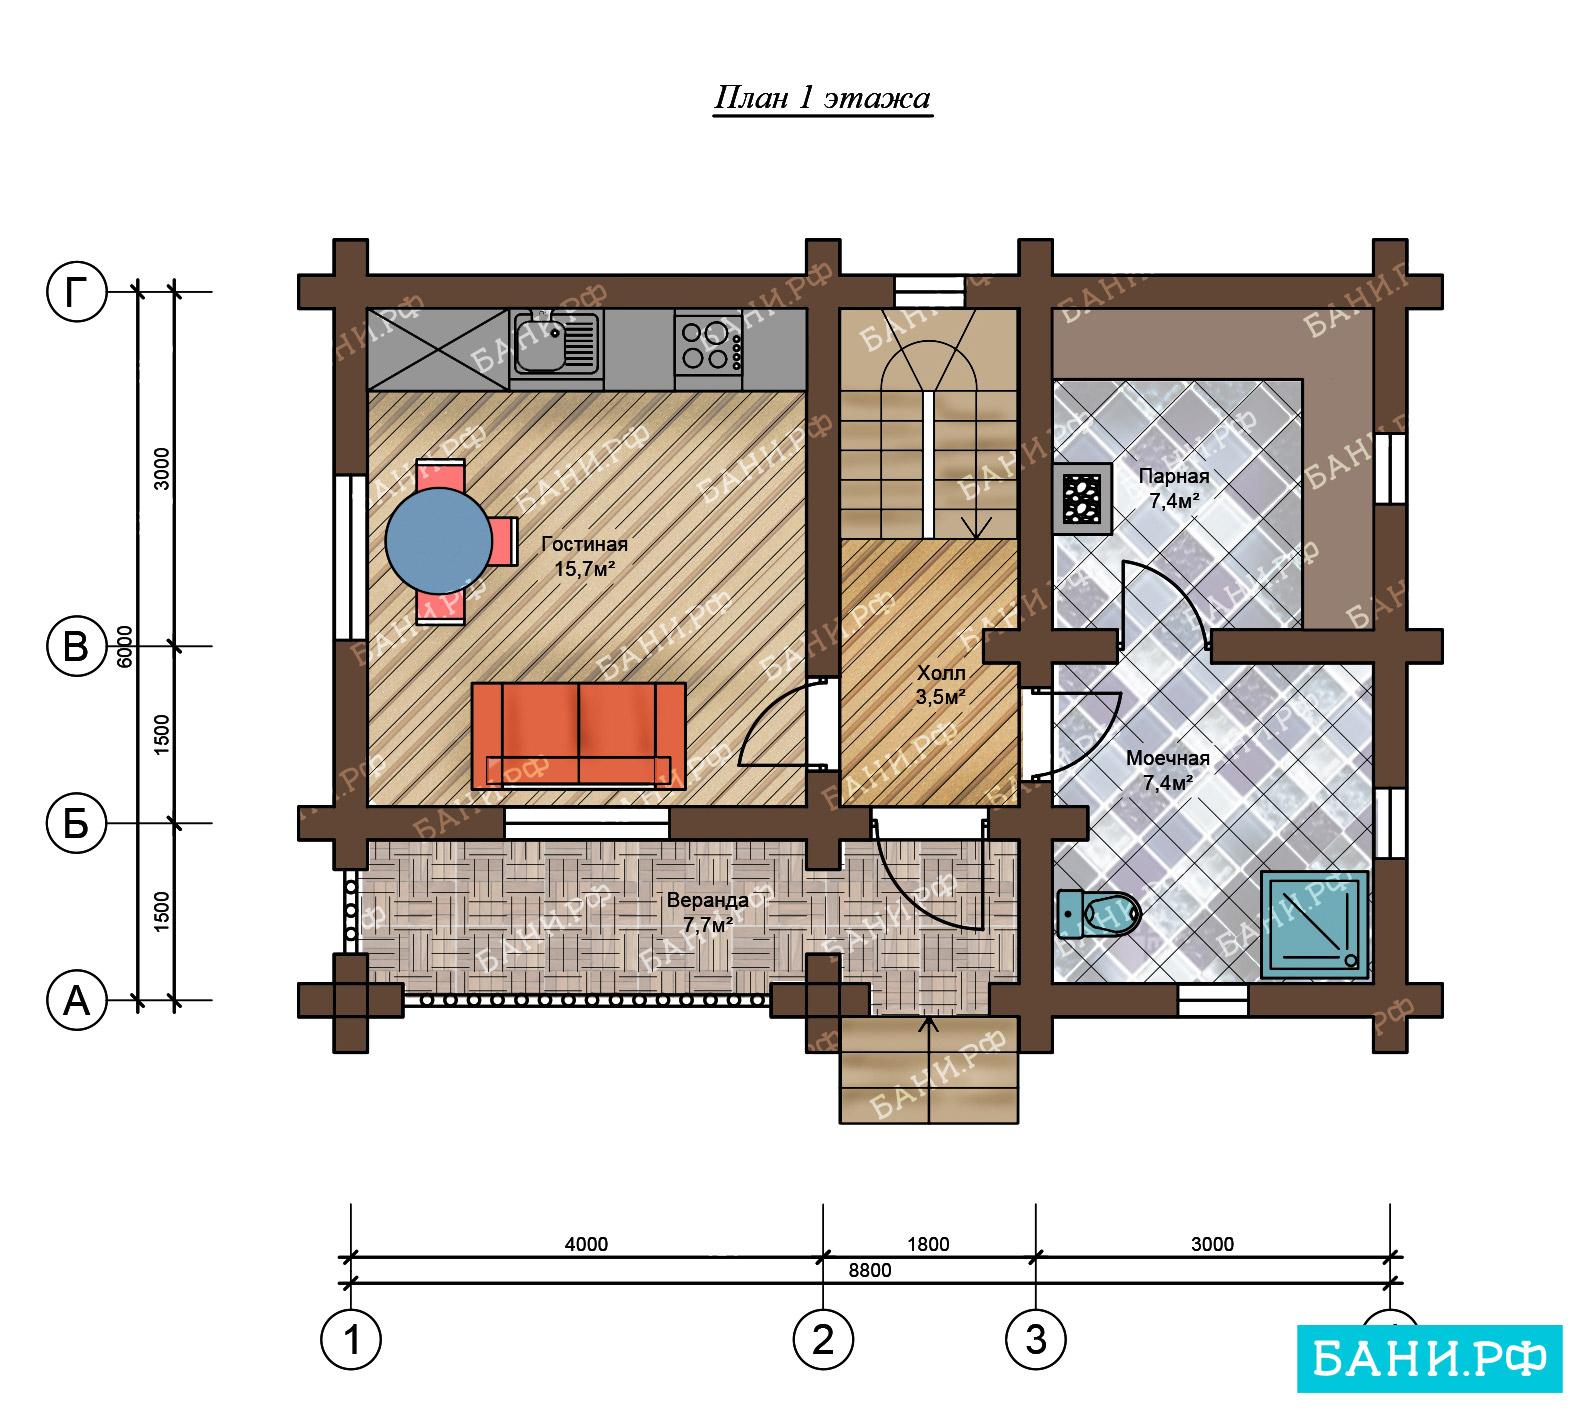 Проекты бань: лучшие схемы и чертежи проектов, выбор разновидности бани, особенности элементов обустройства